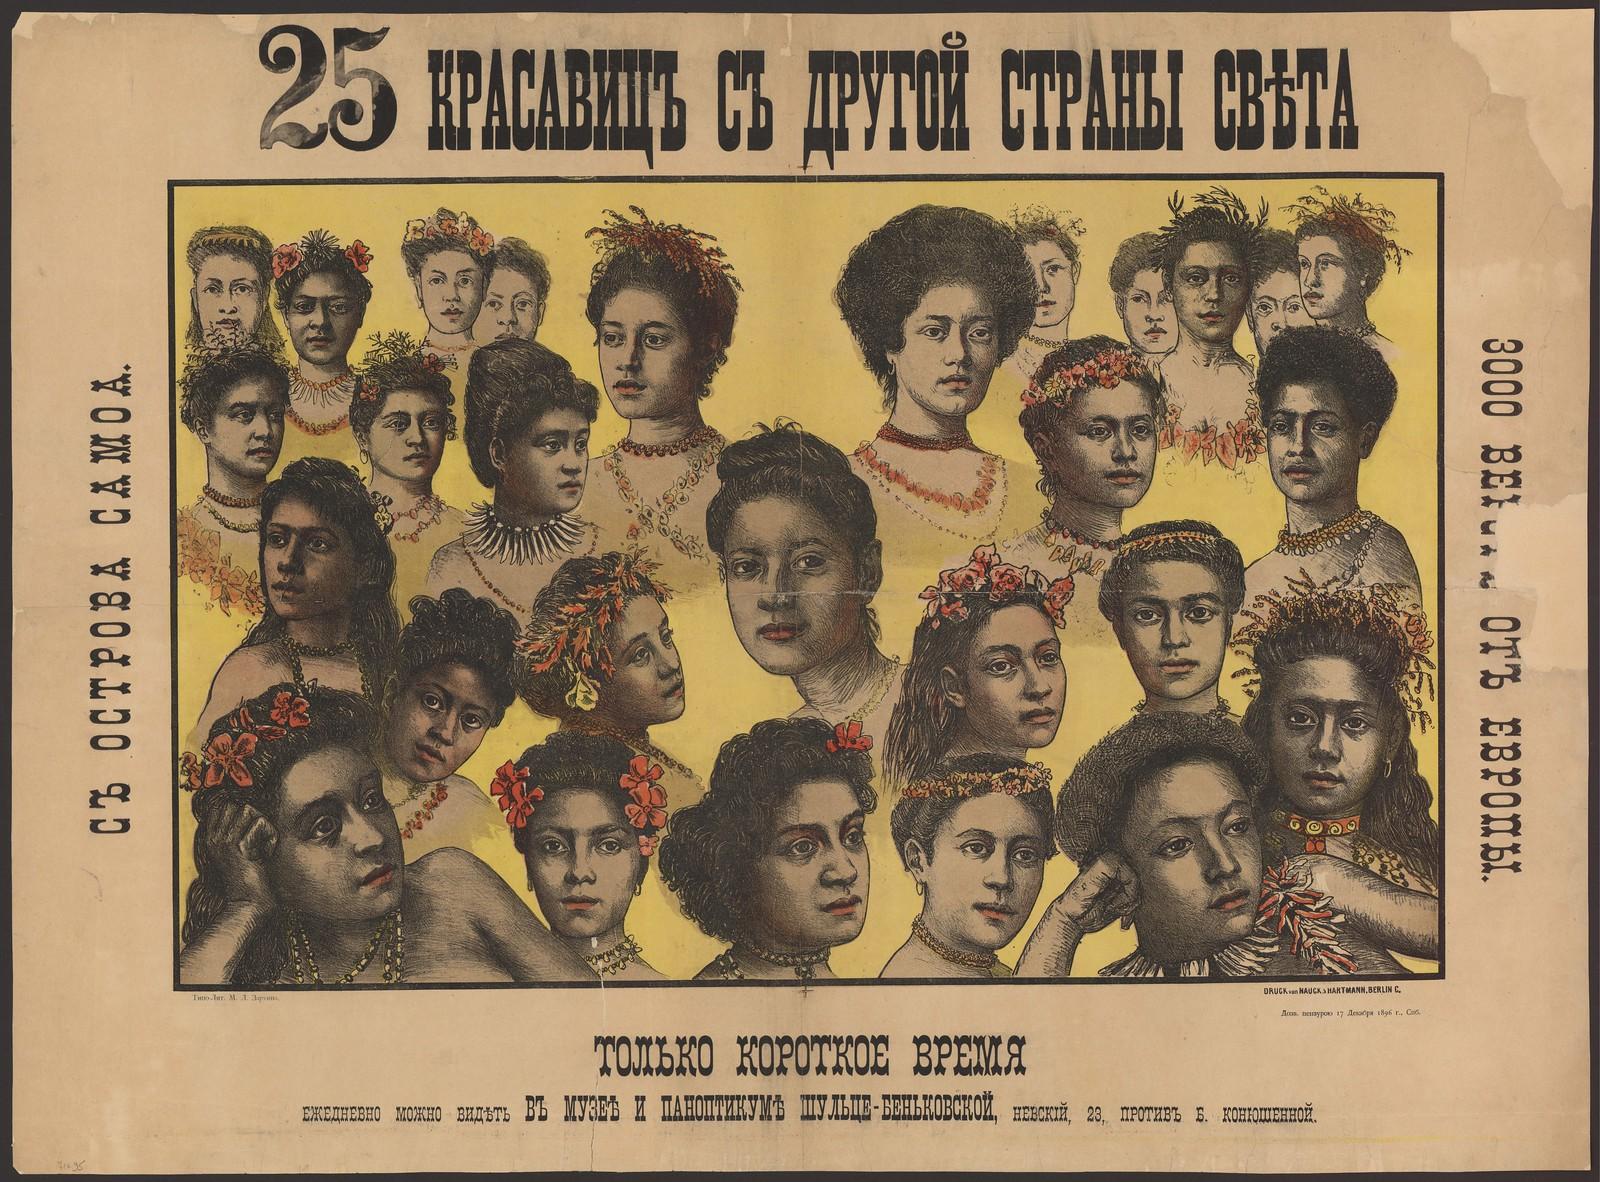 1896. 25 красавиц с другой страны света, с острова Самоа. Только короткое время... в музее и паноптикуме Шульце-Беньковского